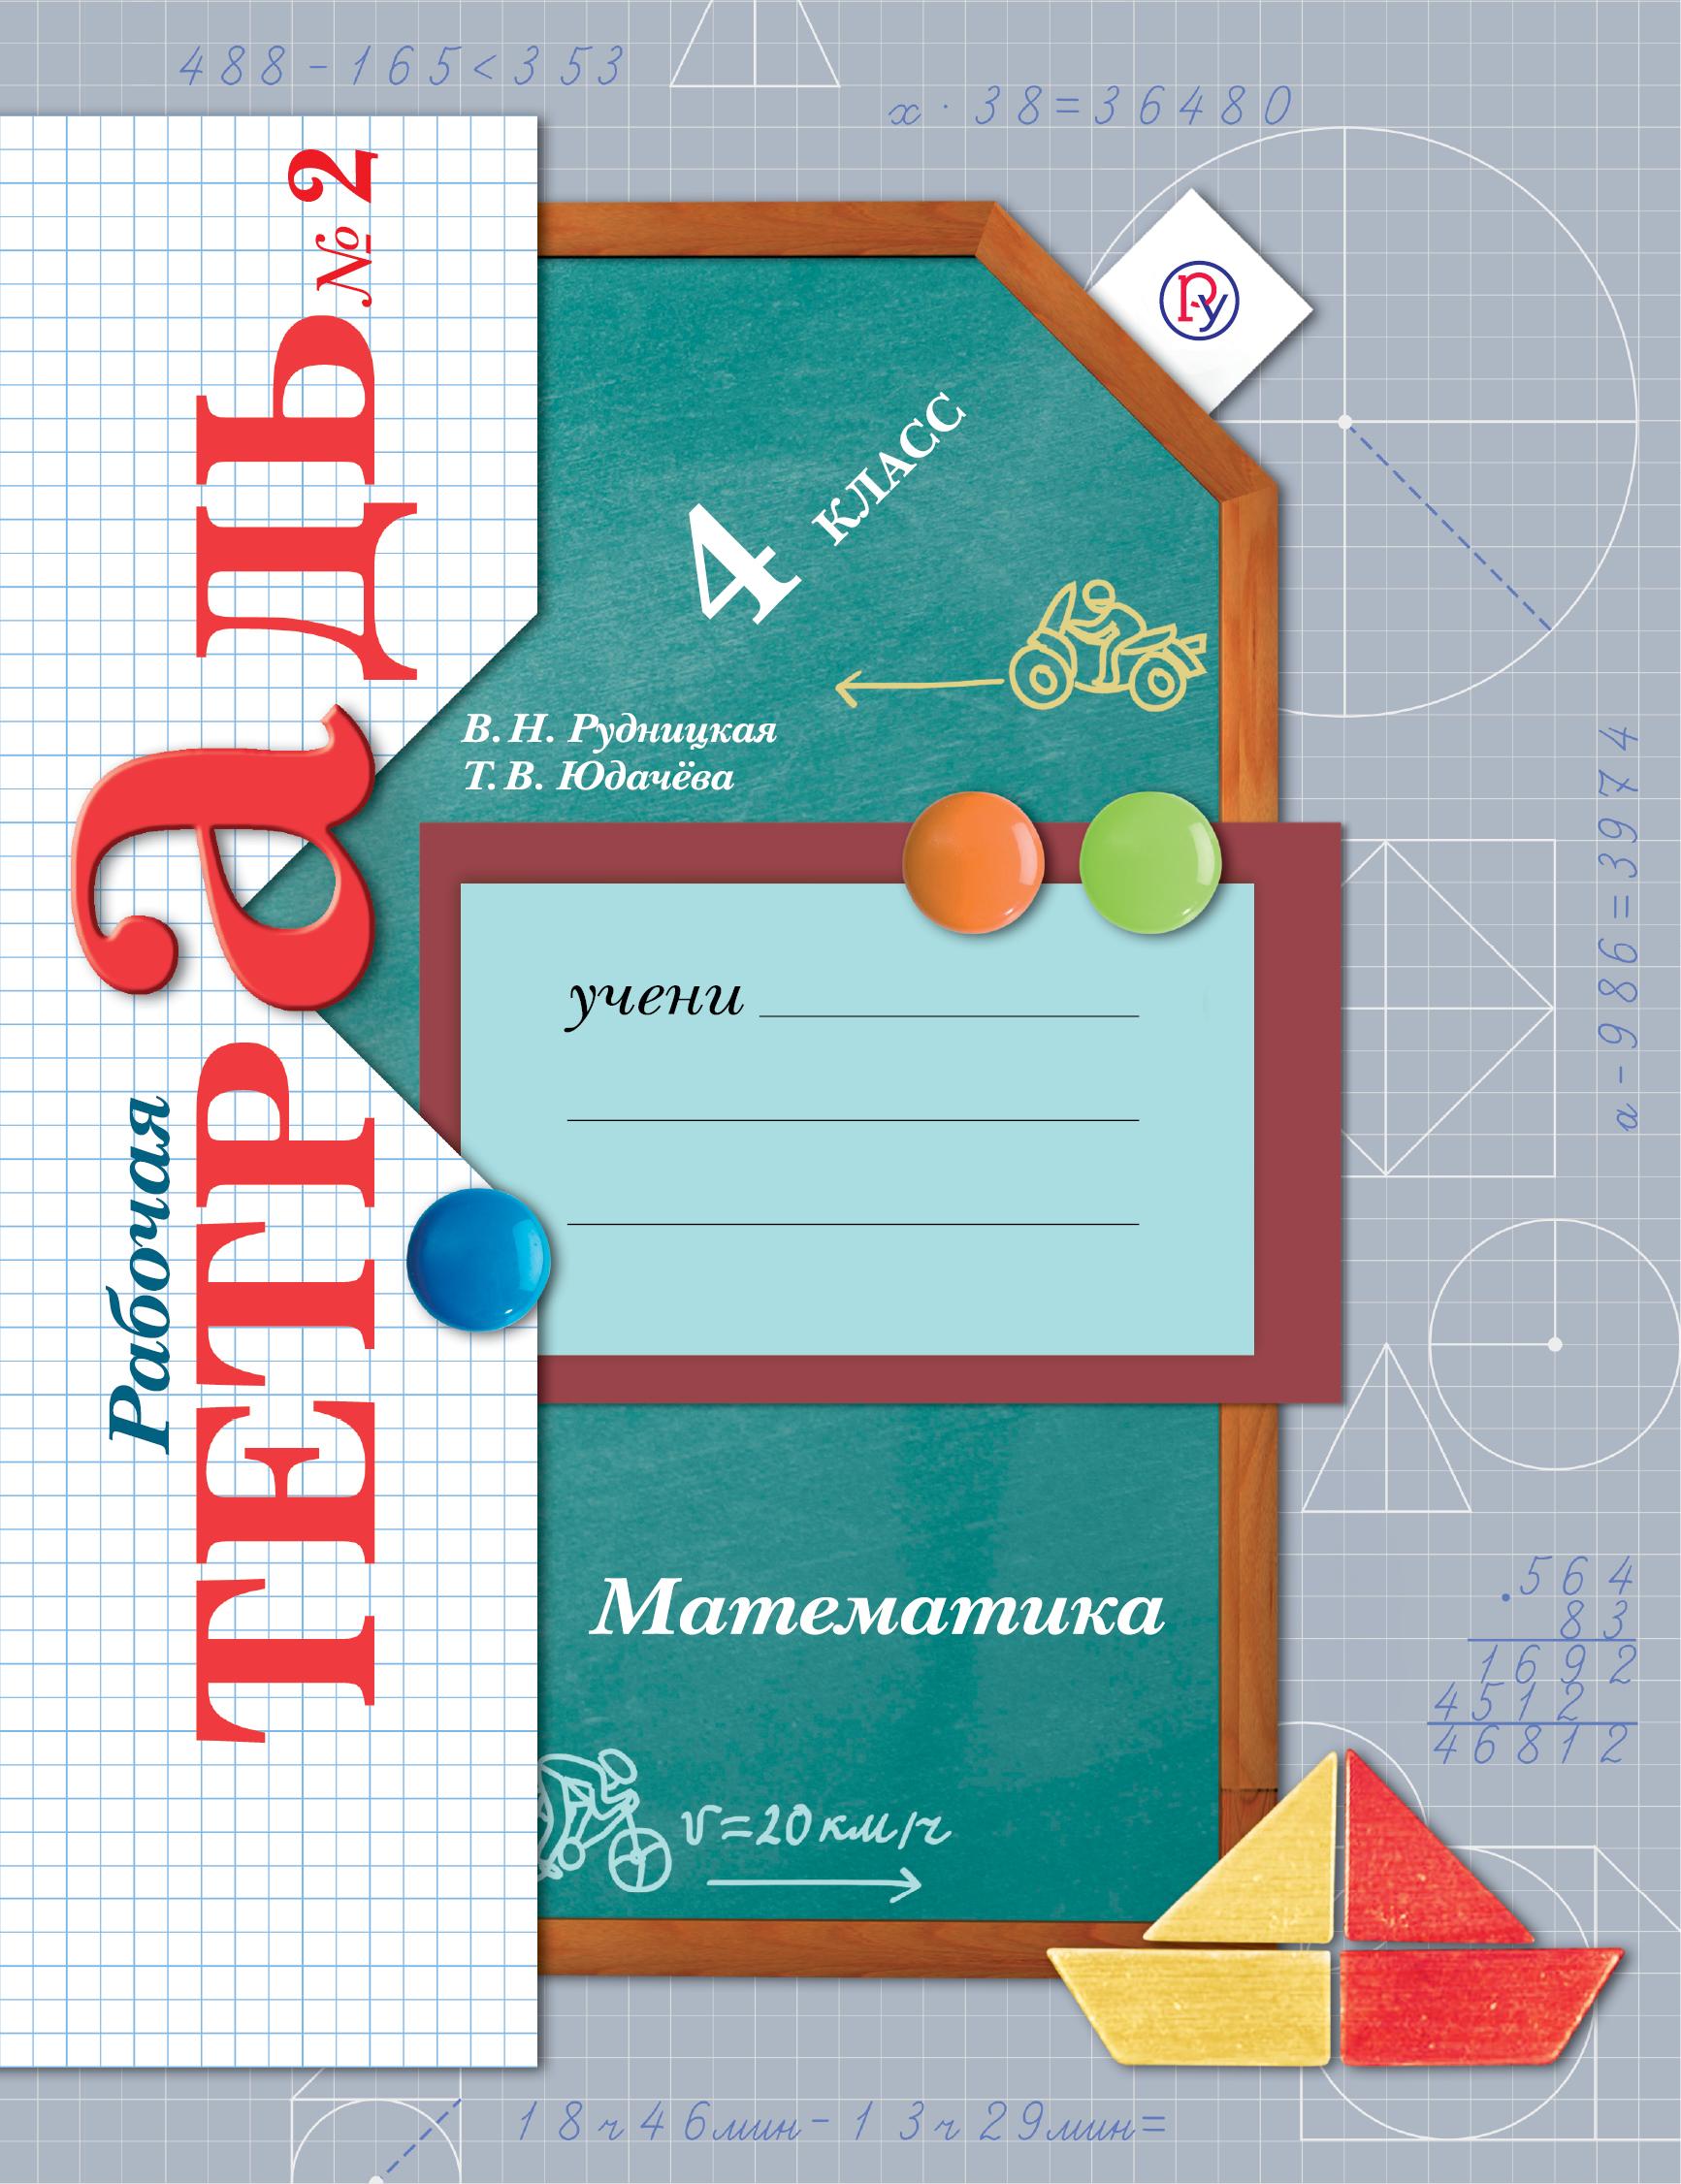 РудницкаяВ.Н., ЮдачеваТ.В. Математика. 4кл. Рабочая тетрадь №2. рудницкая в математика 2 класс всероссийская проверочная работа